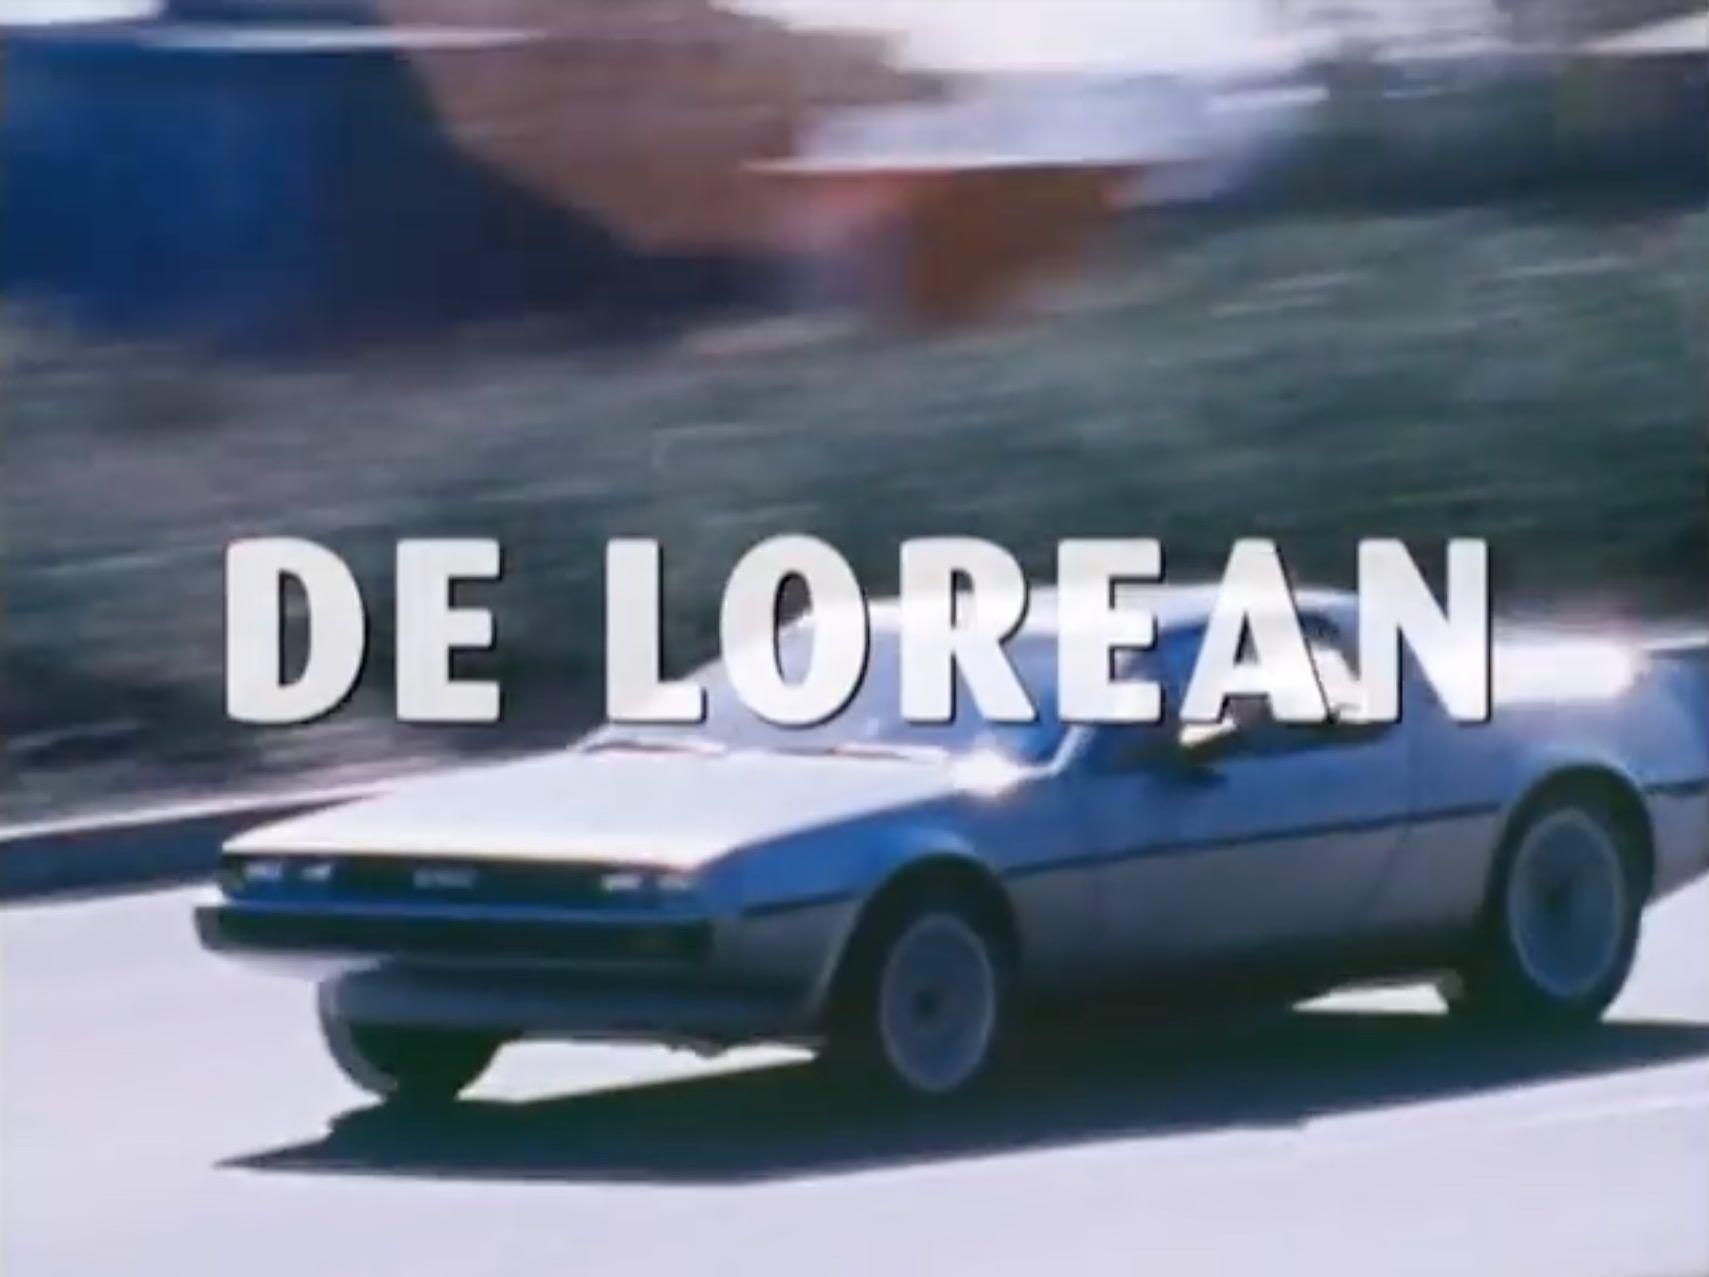 DeLorean Film